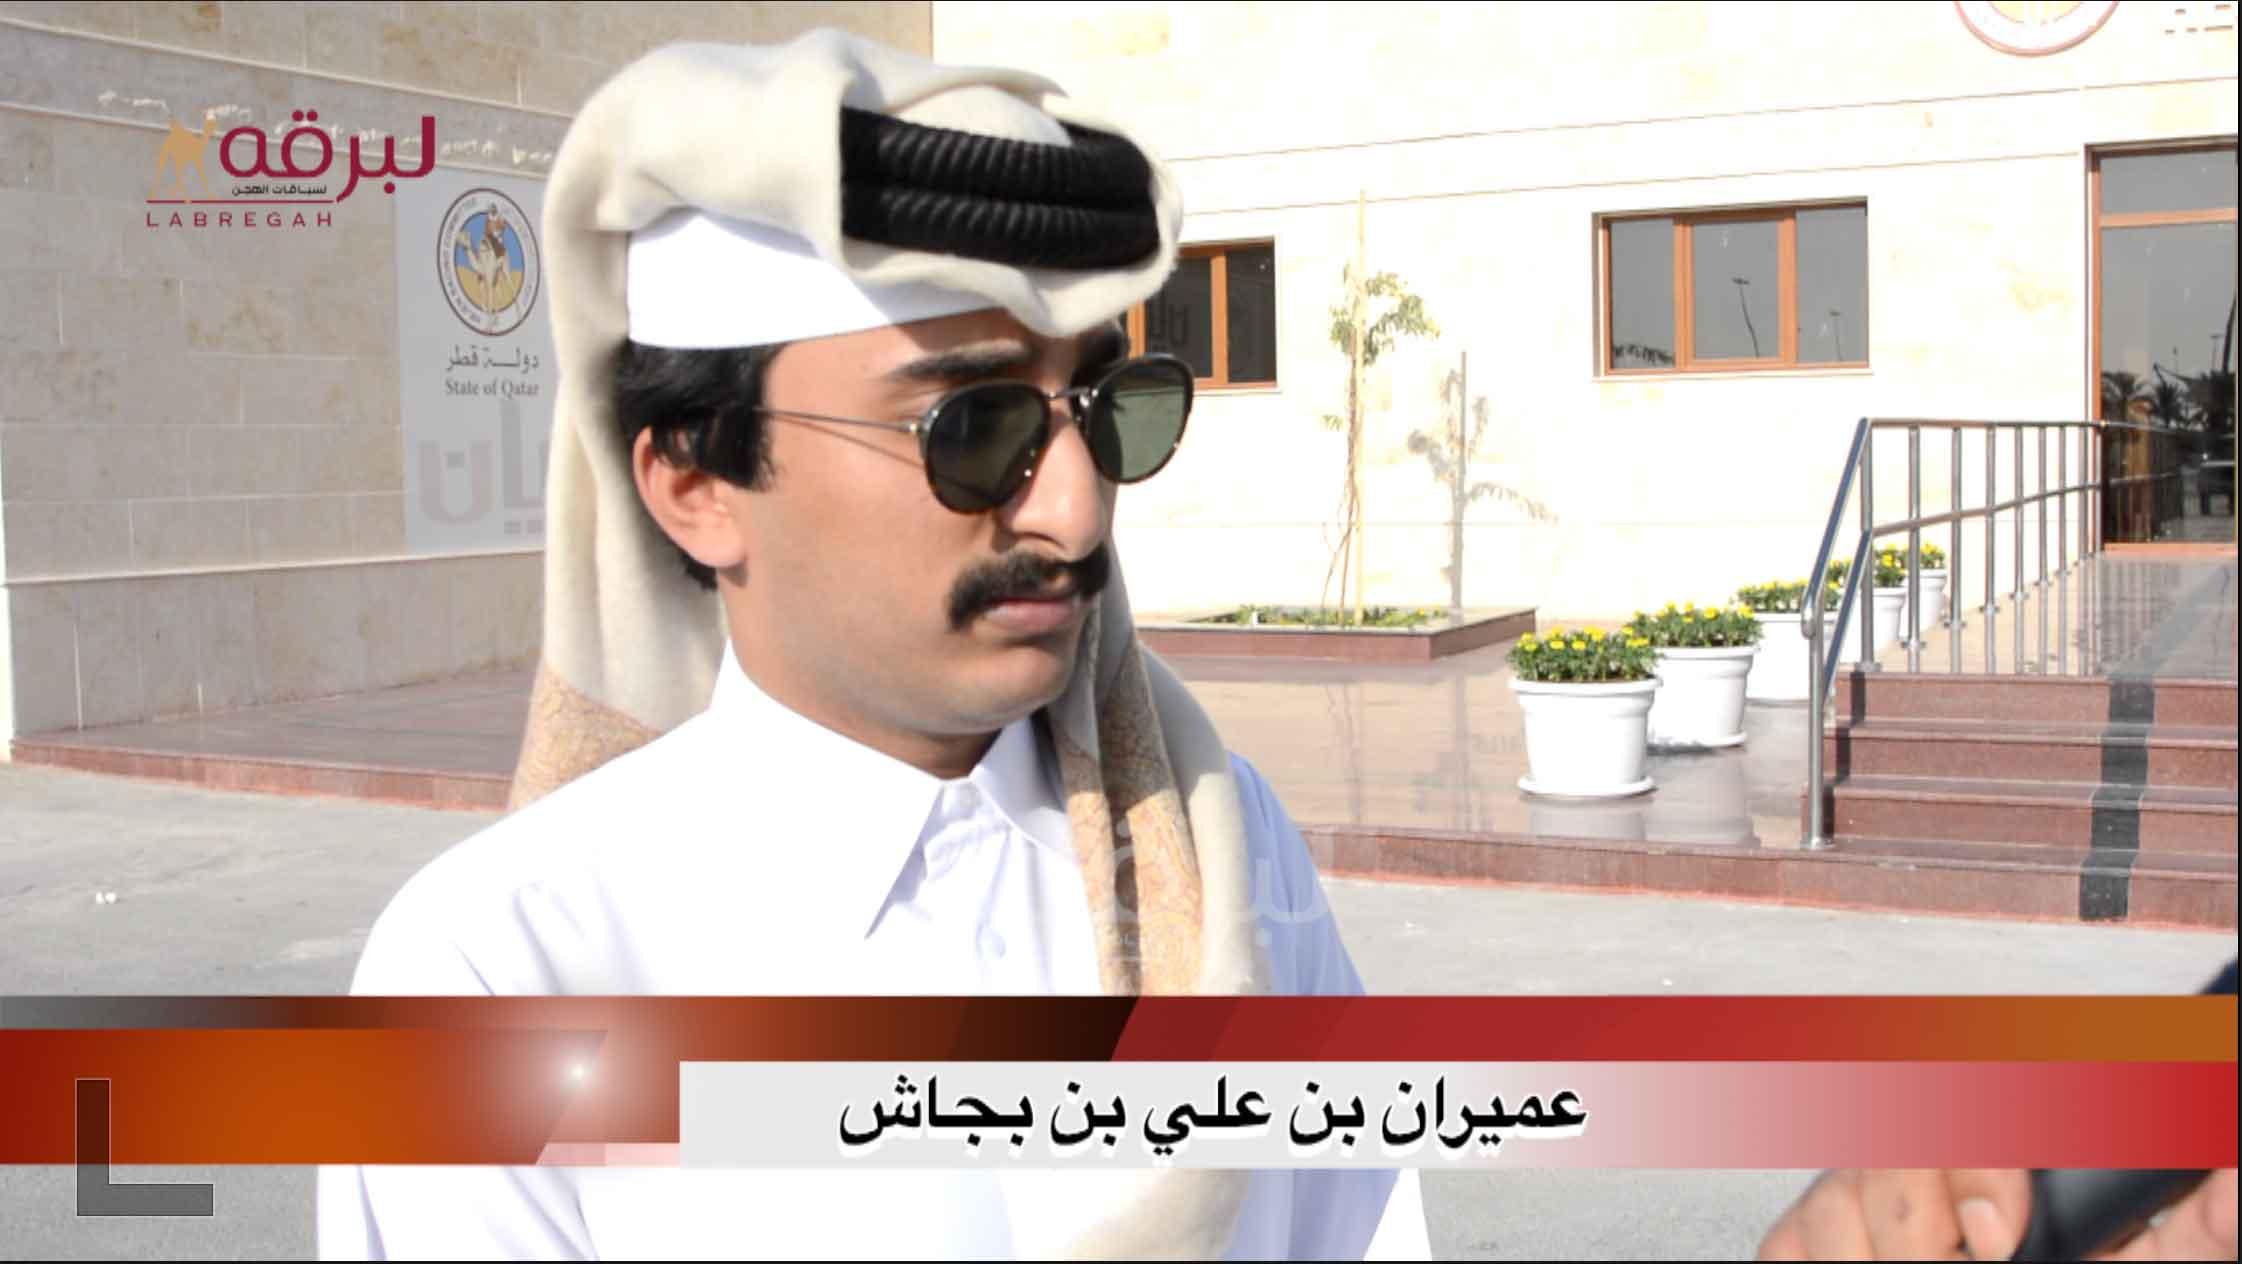 لقاء مع عميران بن علي بن بجاش.. الشلفة الفضية جذاع بكار « مفتوح » الأشواط العامة  ٢٠-١-٢٠٢١